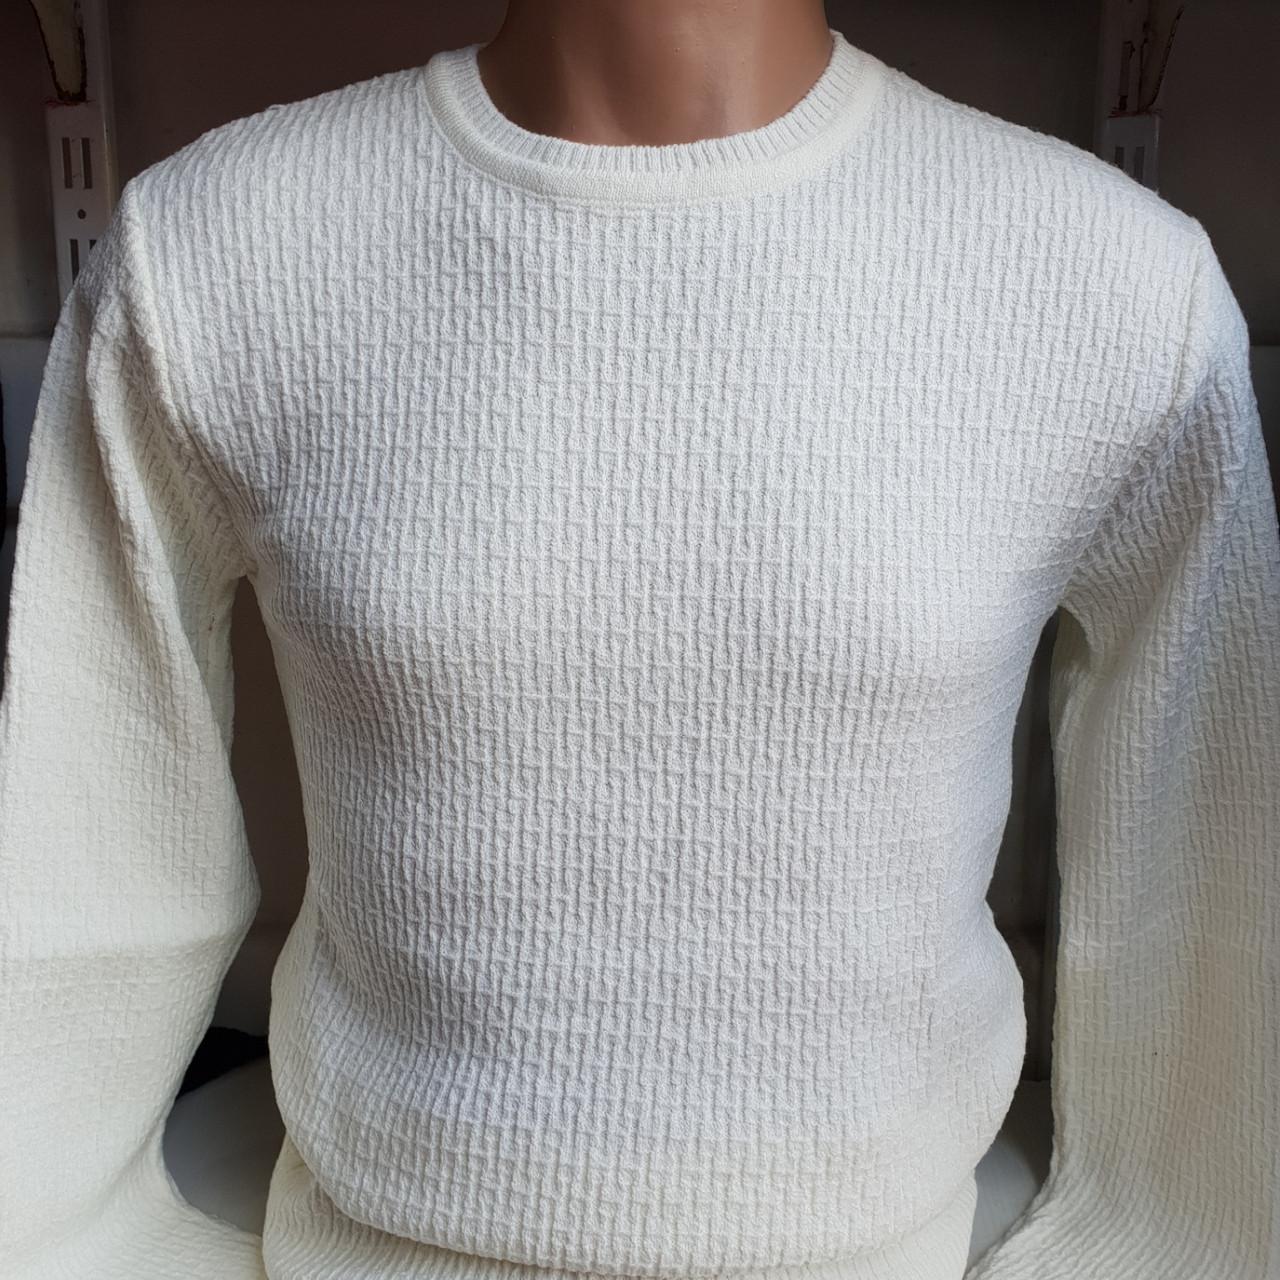 7bac92c36de19 Свитер мужской стильный, Турция: продажа, цена в Одессе. свитеры и ...